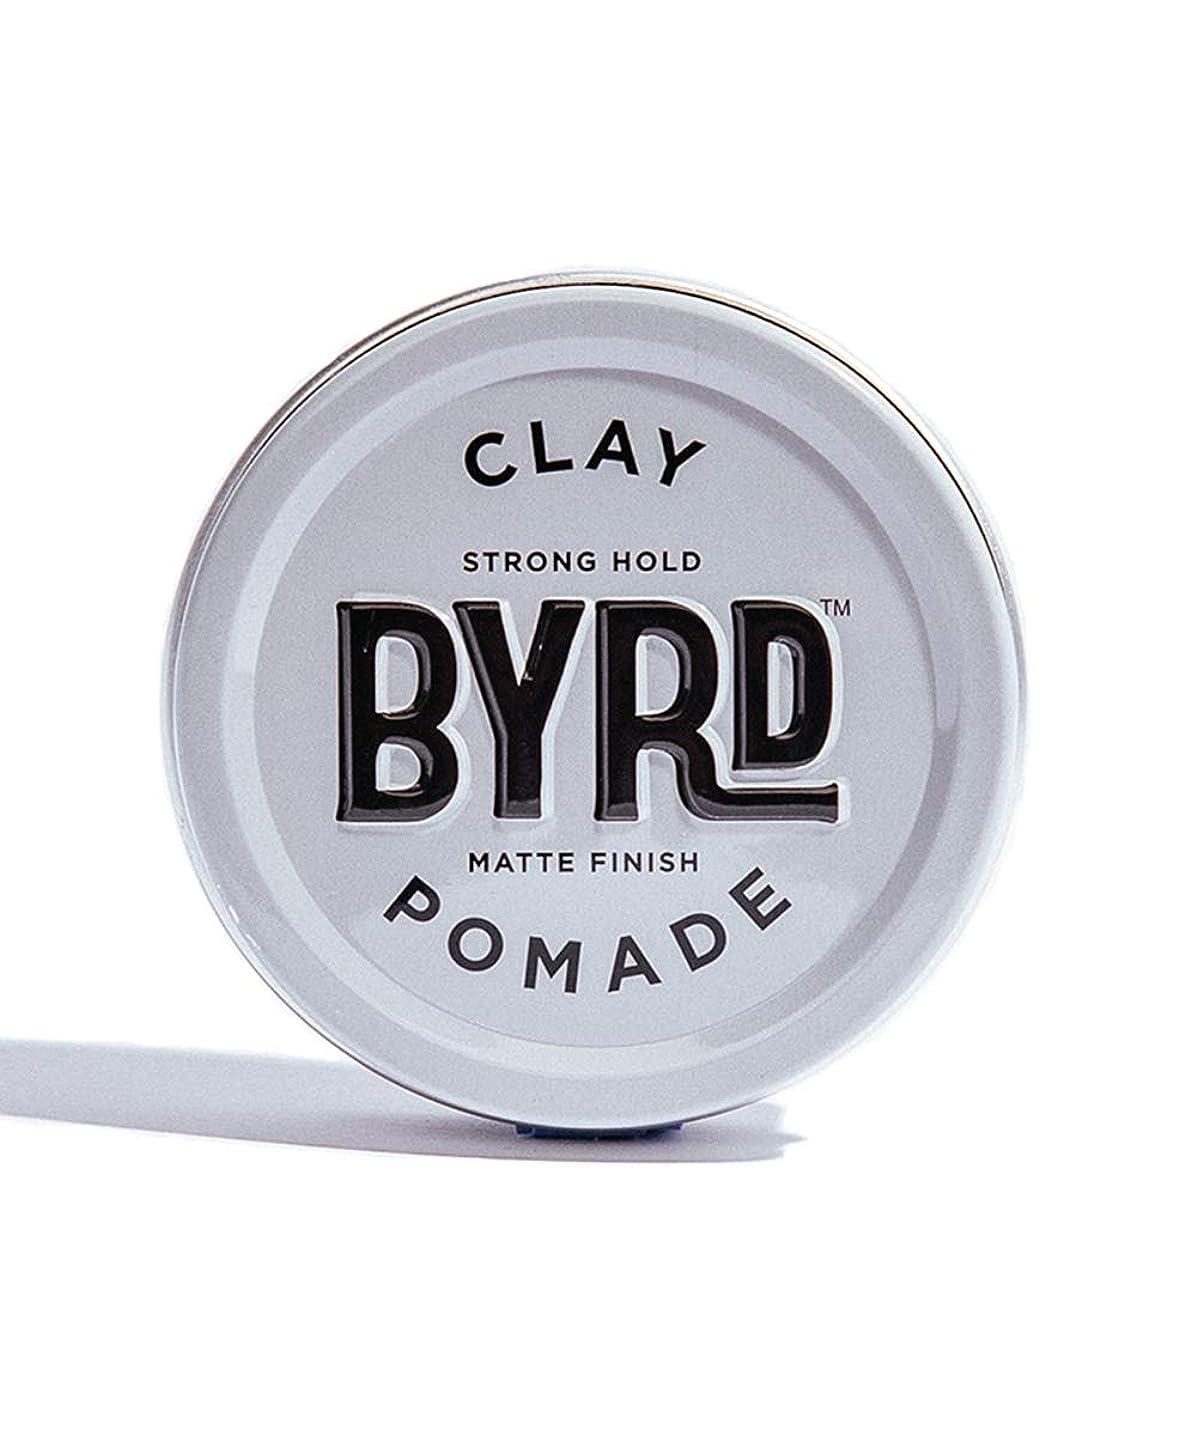 行く溶かす細分化するBYRD/クレイポマード 95g メンズコスメ ワックス ヘアスタイリング かっこいい モテ髪